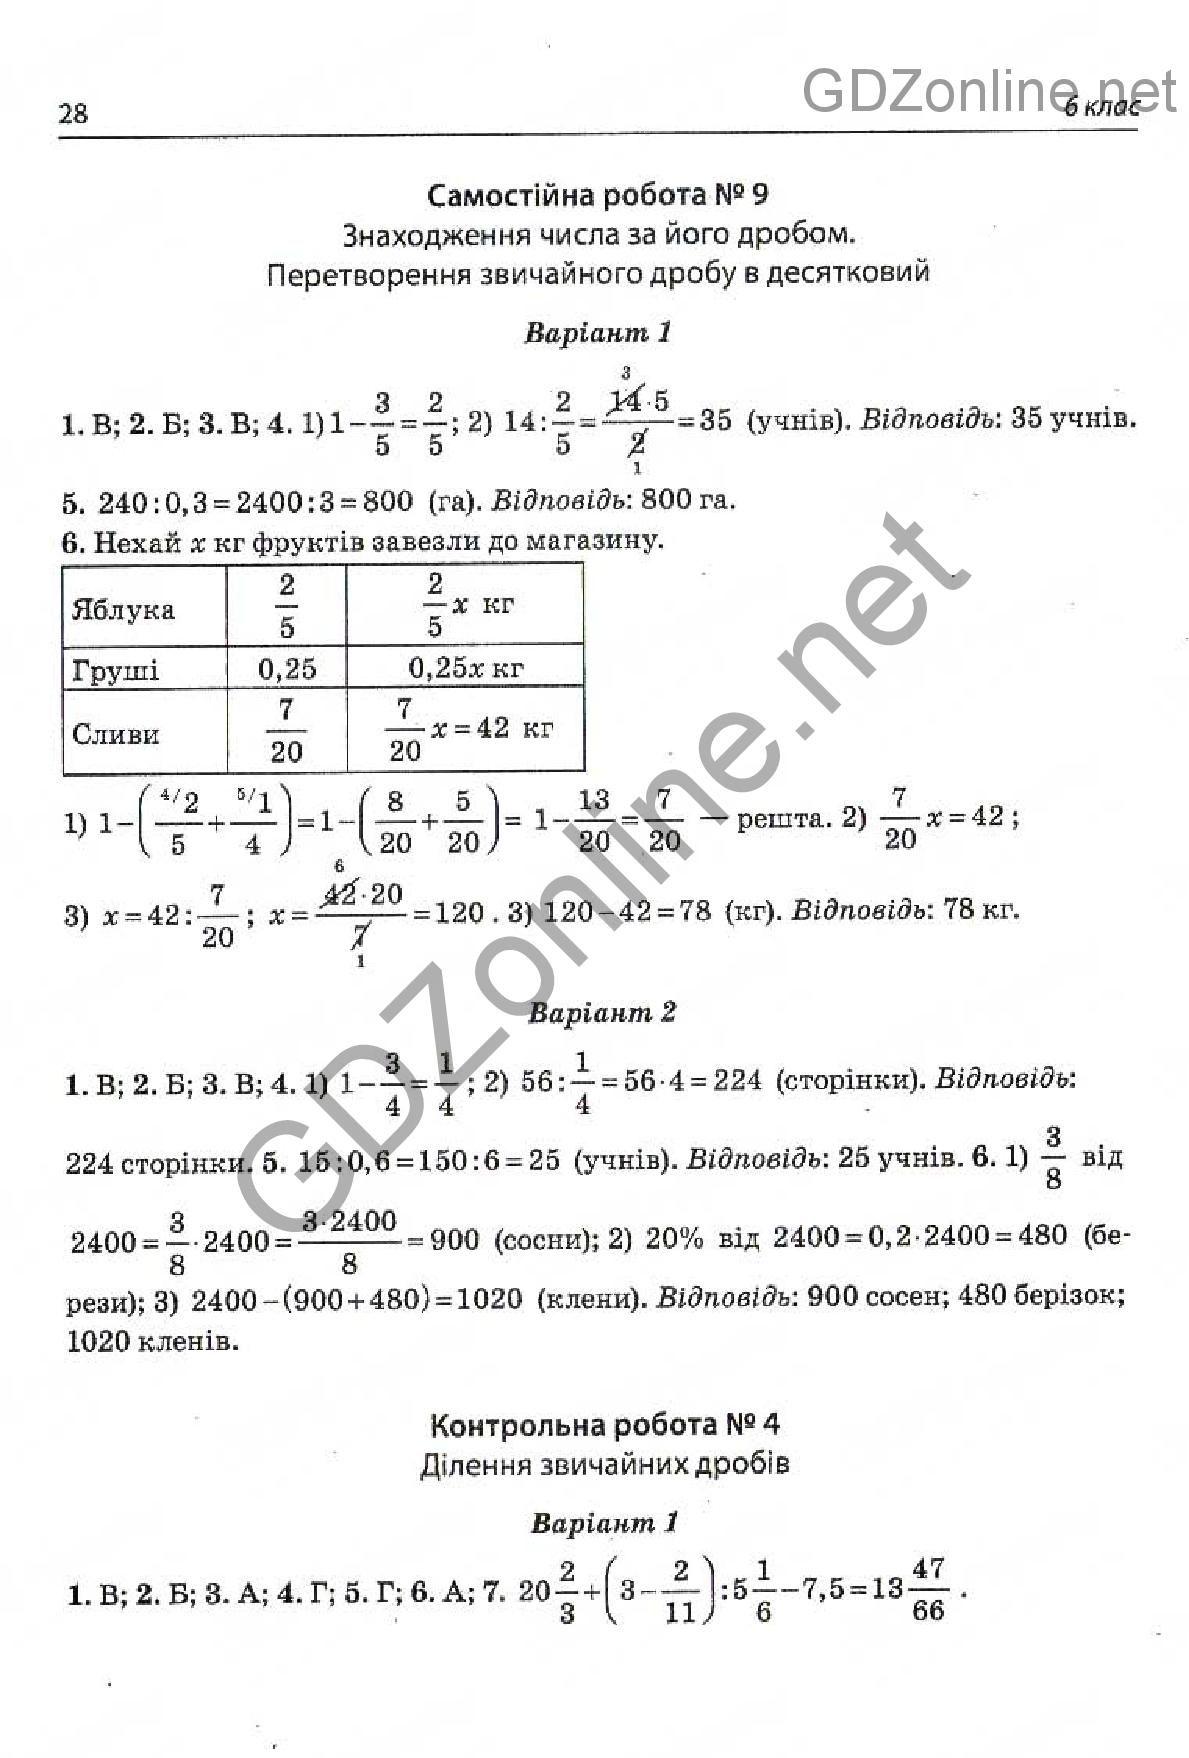 Ответы к заданиям по географии 9 класс козлова